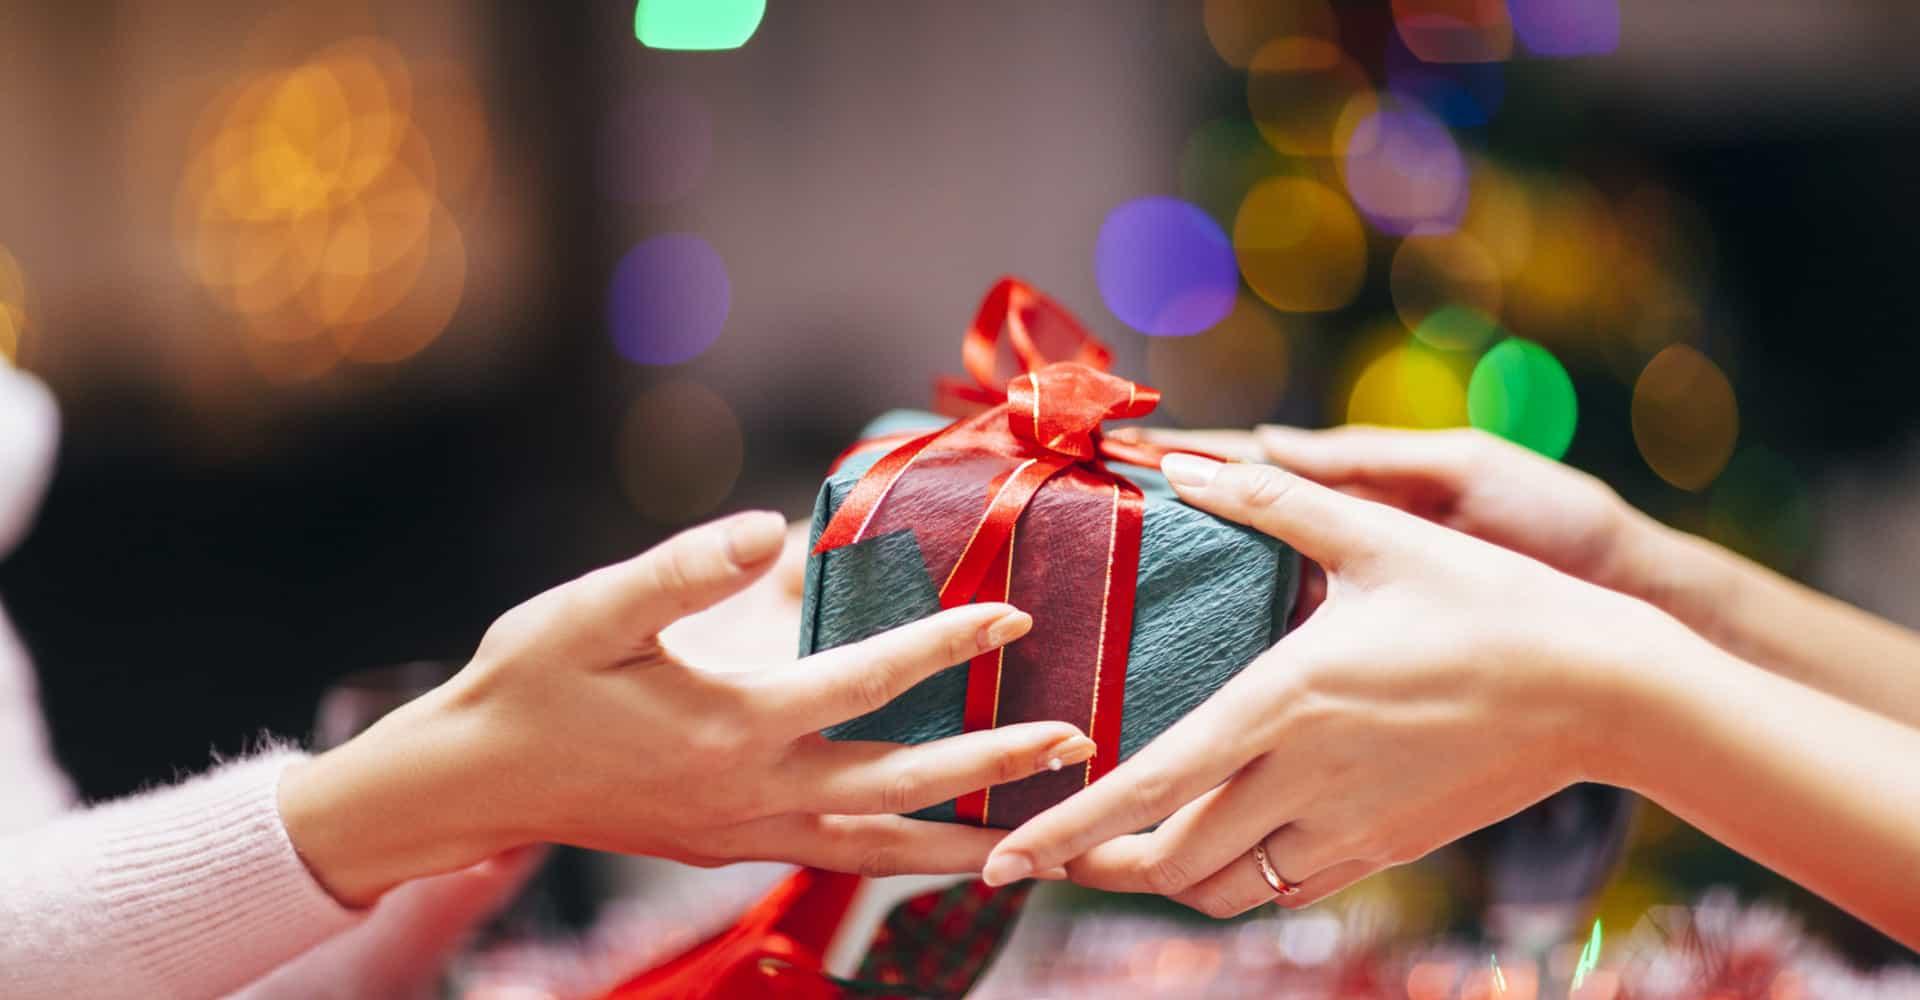 Cadeaux de Noël? 8 idées créatives et écologiques